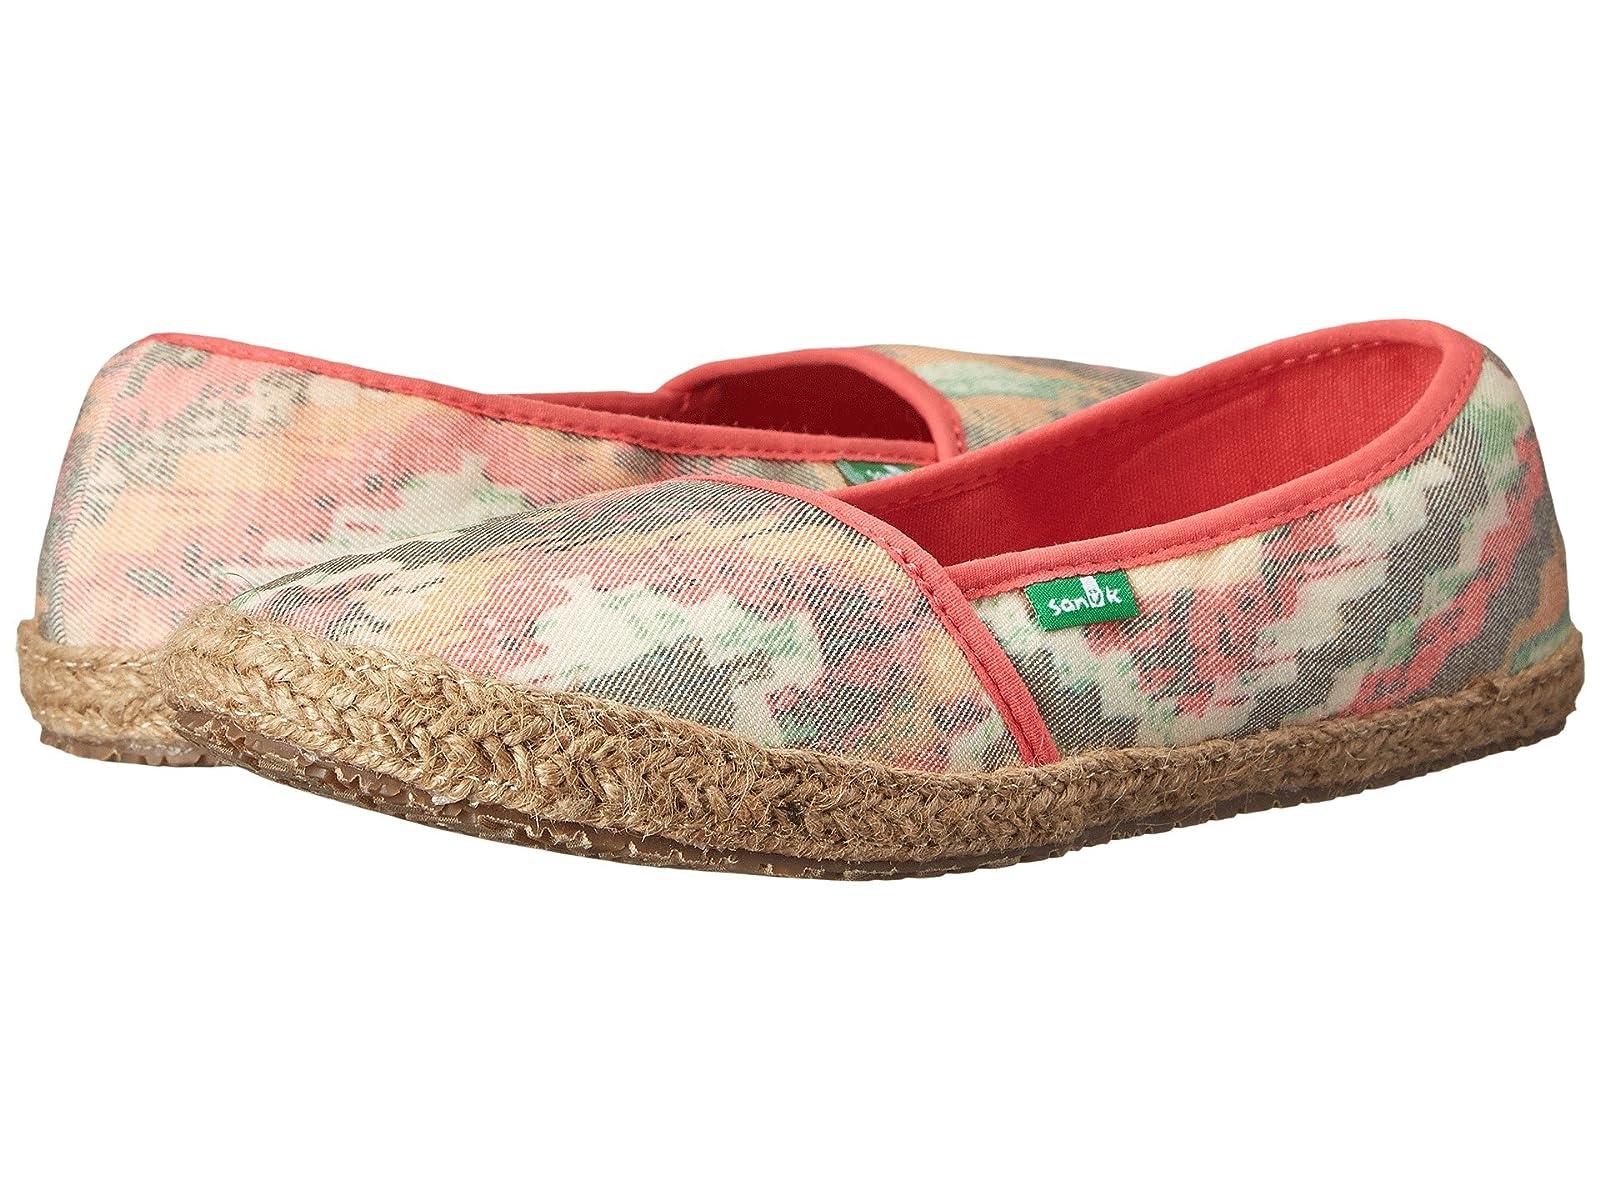 Sanuk MyaCheap and distinctive eye-catching shoes